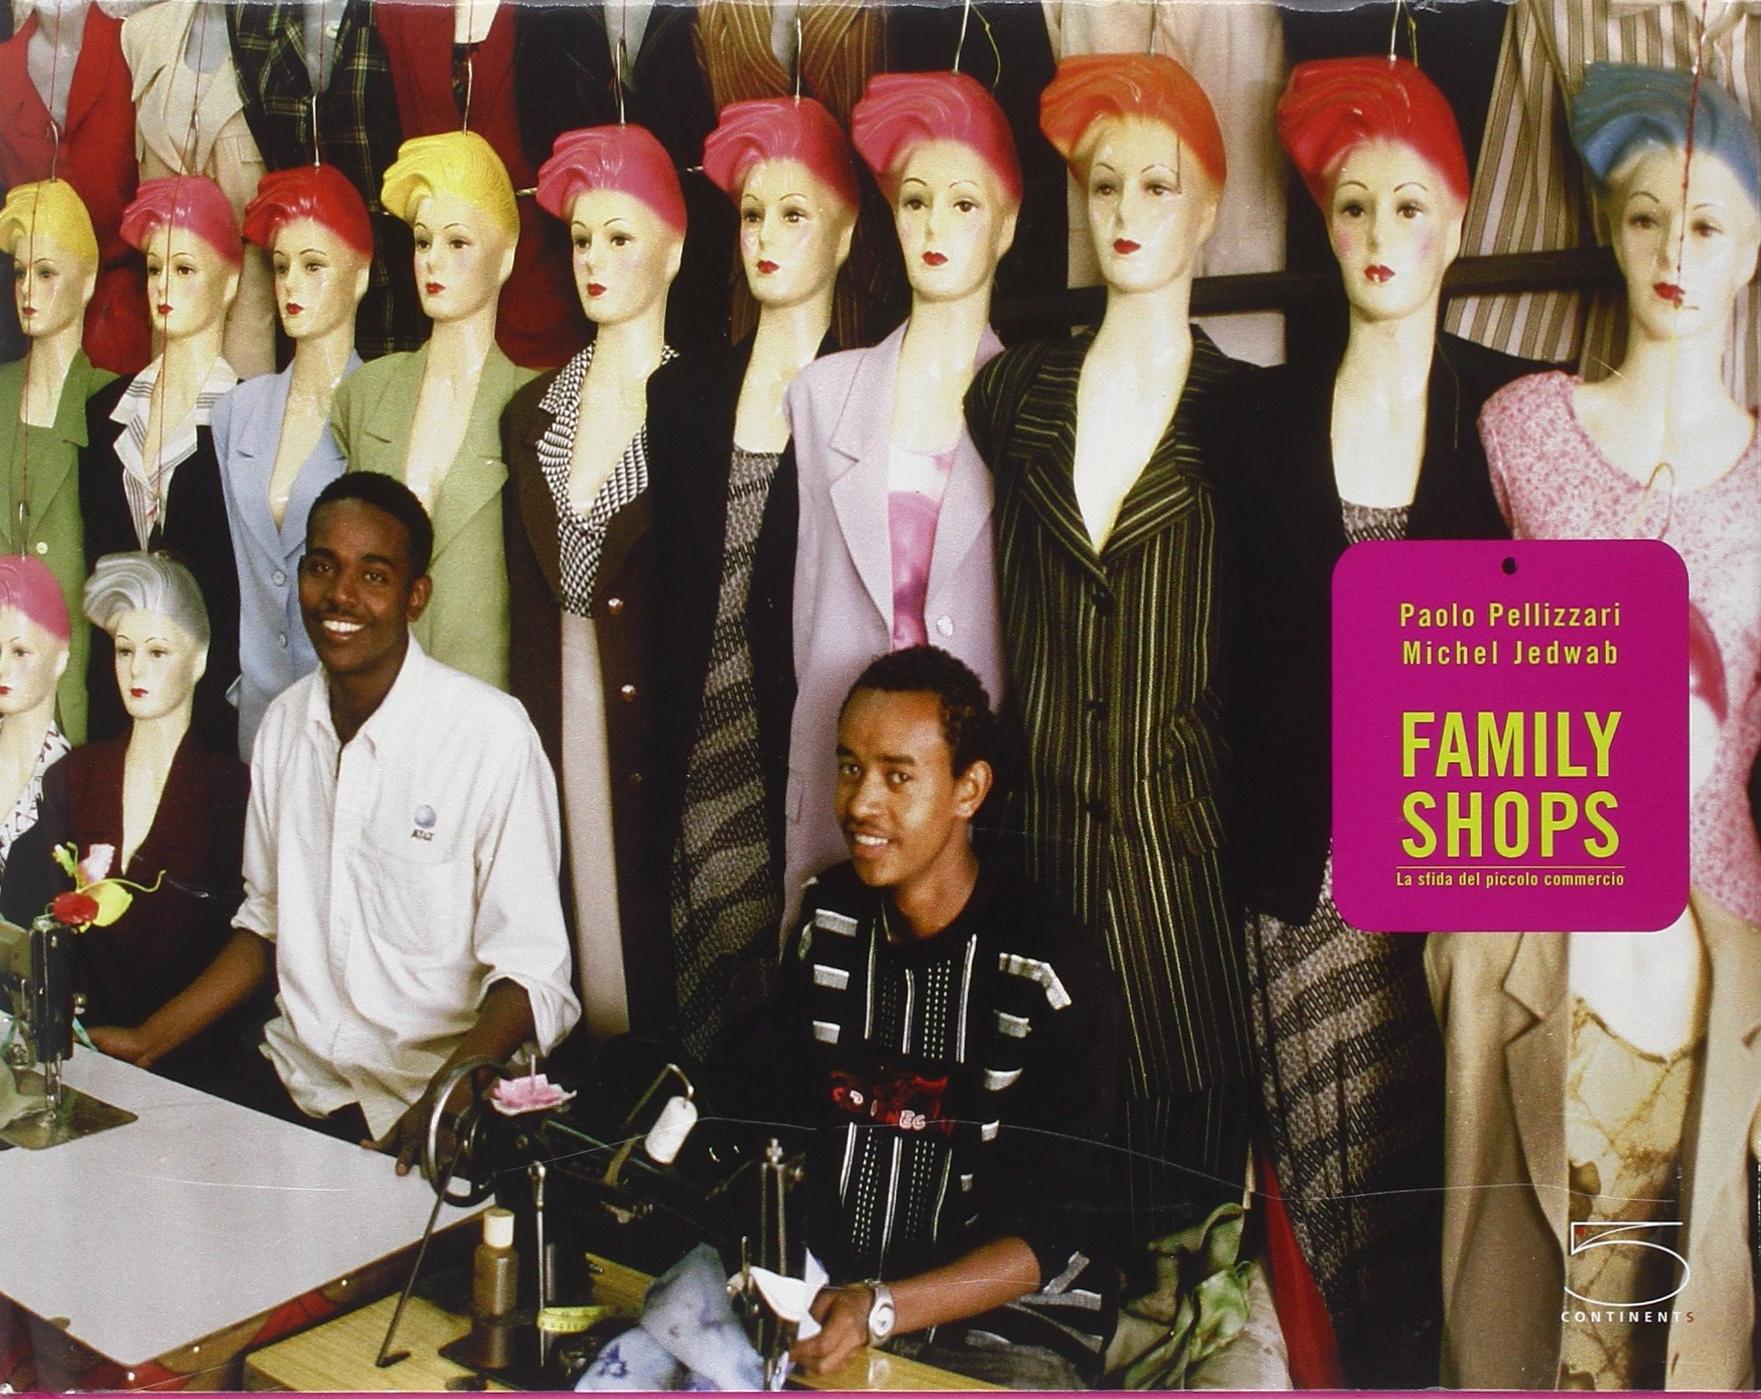 Paolo Pellizzari. Family Shops. Il piccolo commercio a gestione famigliare. [Italian Ed.]